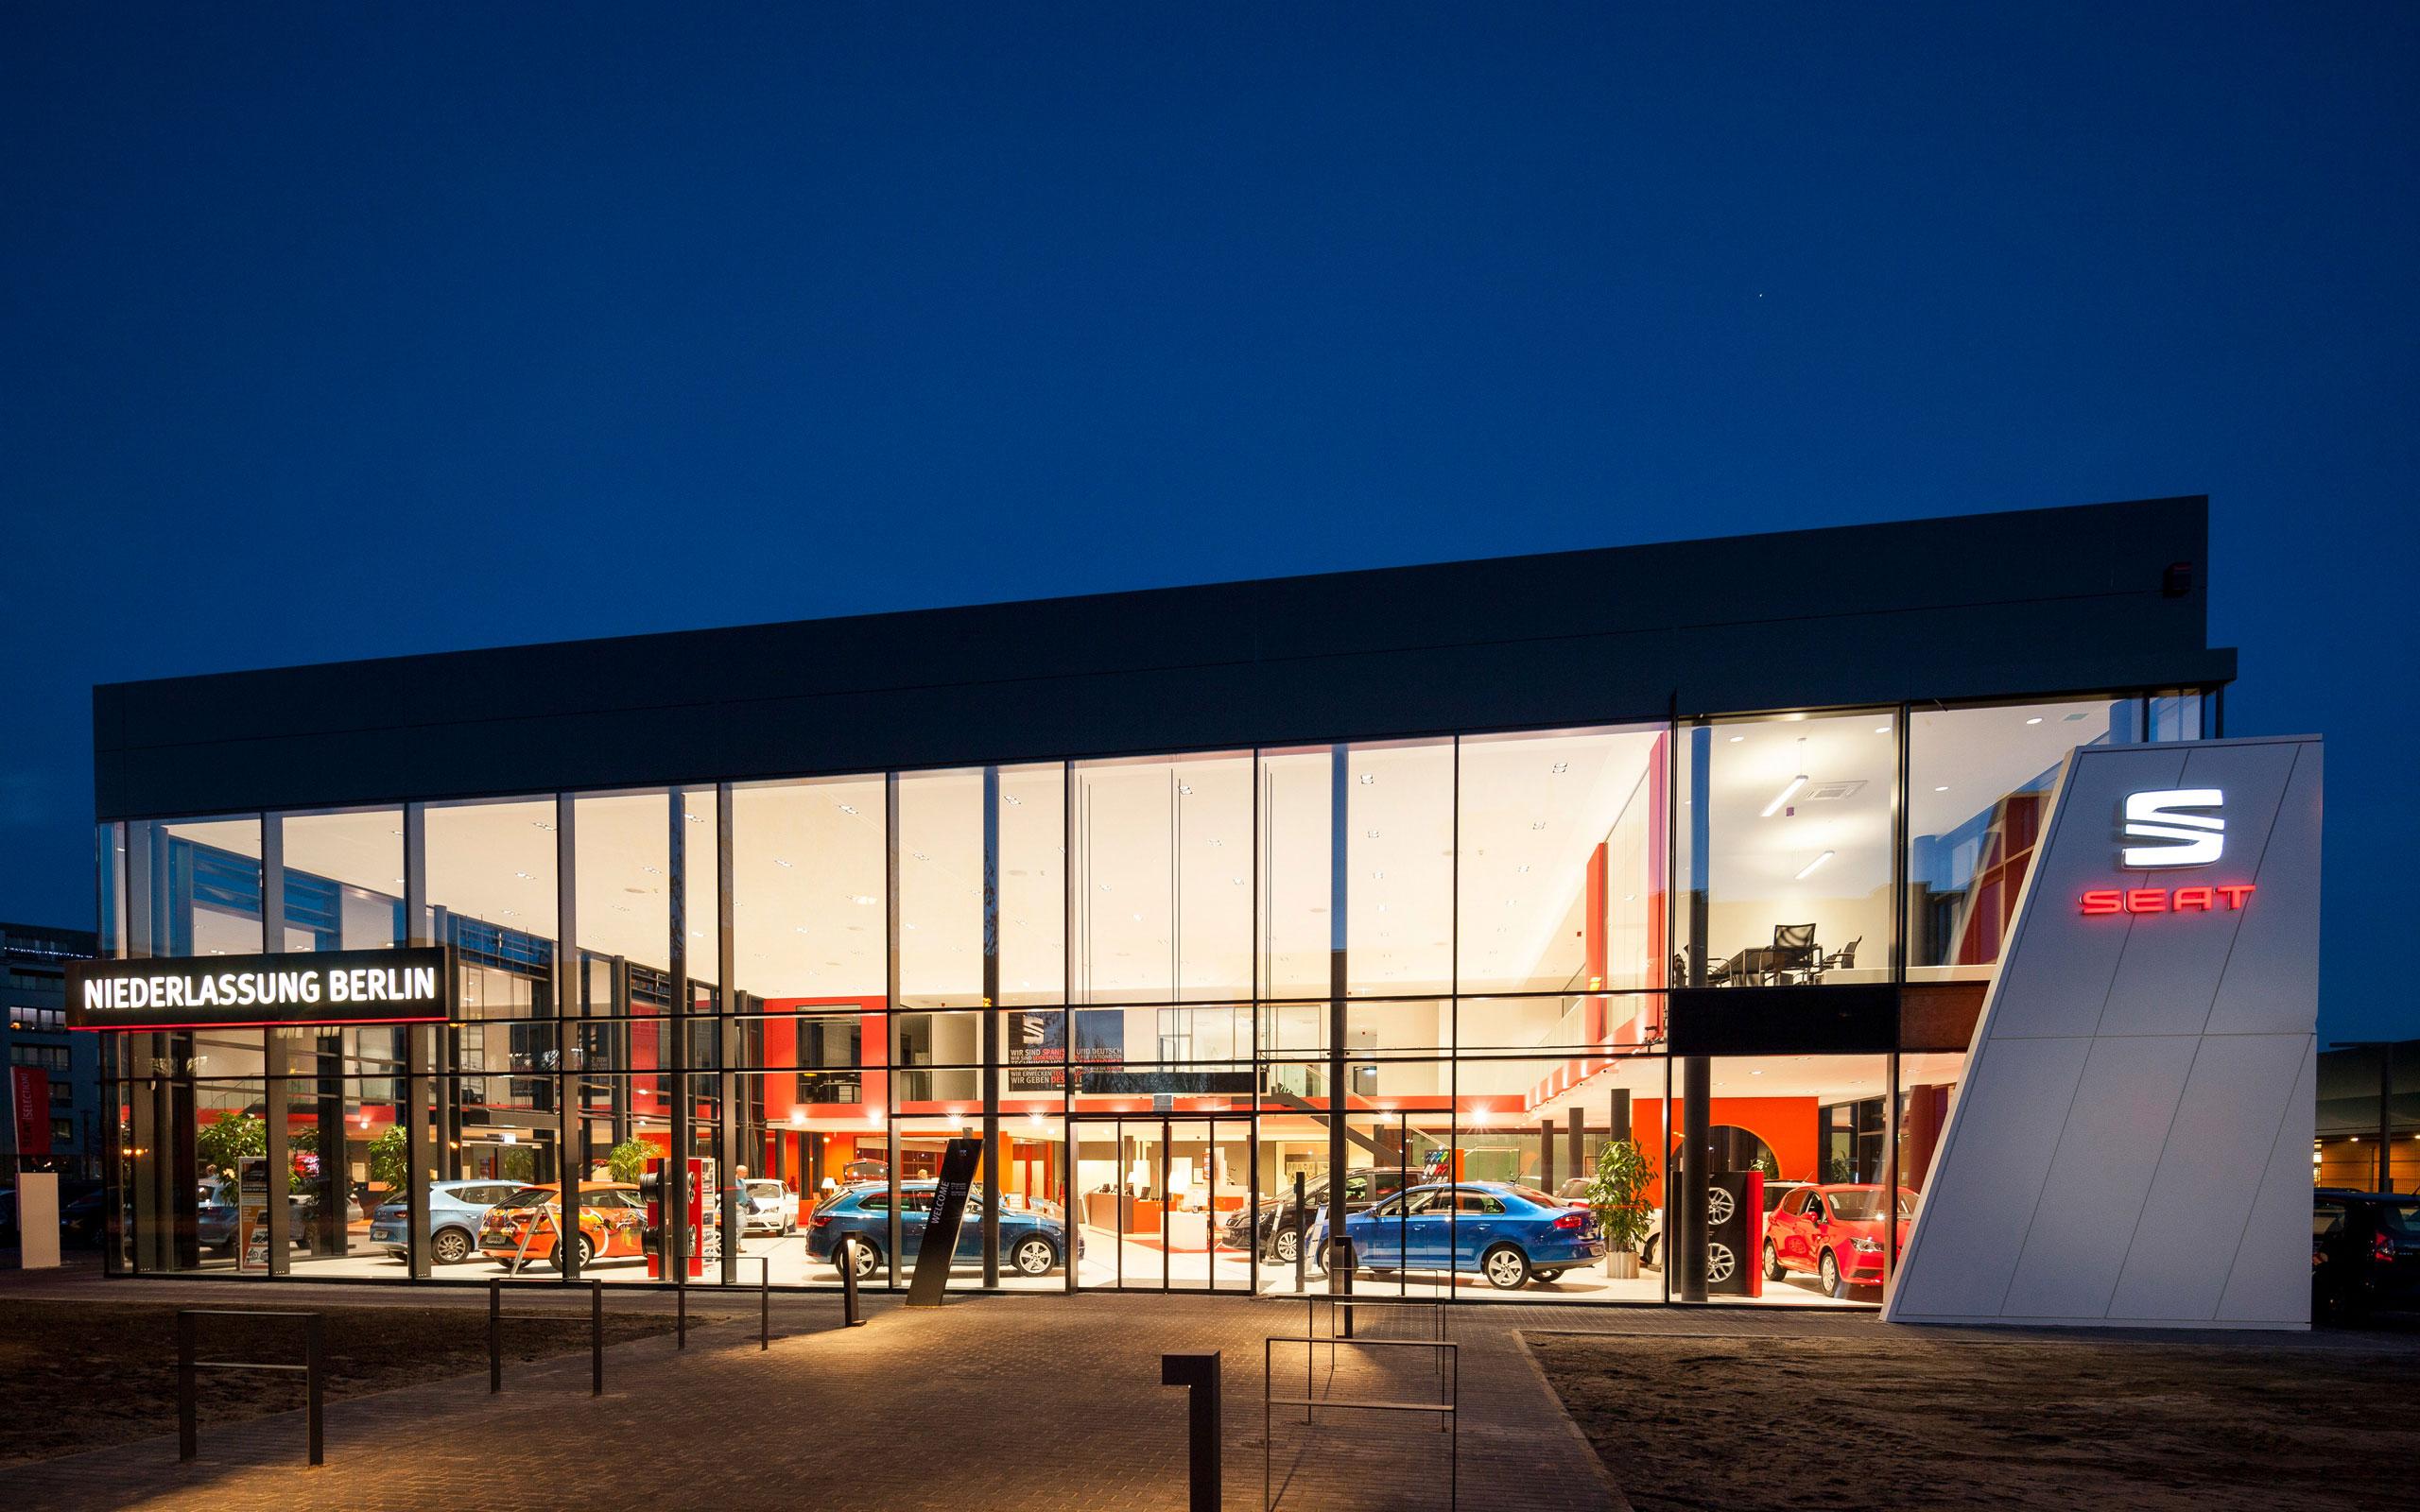 Autohaus Seatdeutschlandniederlassunggmbh Berlin Architektur